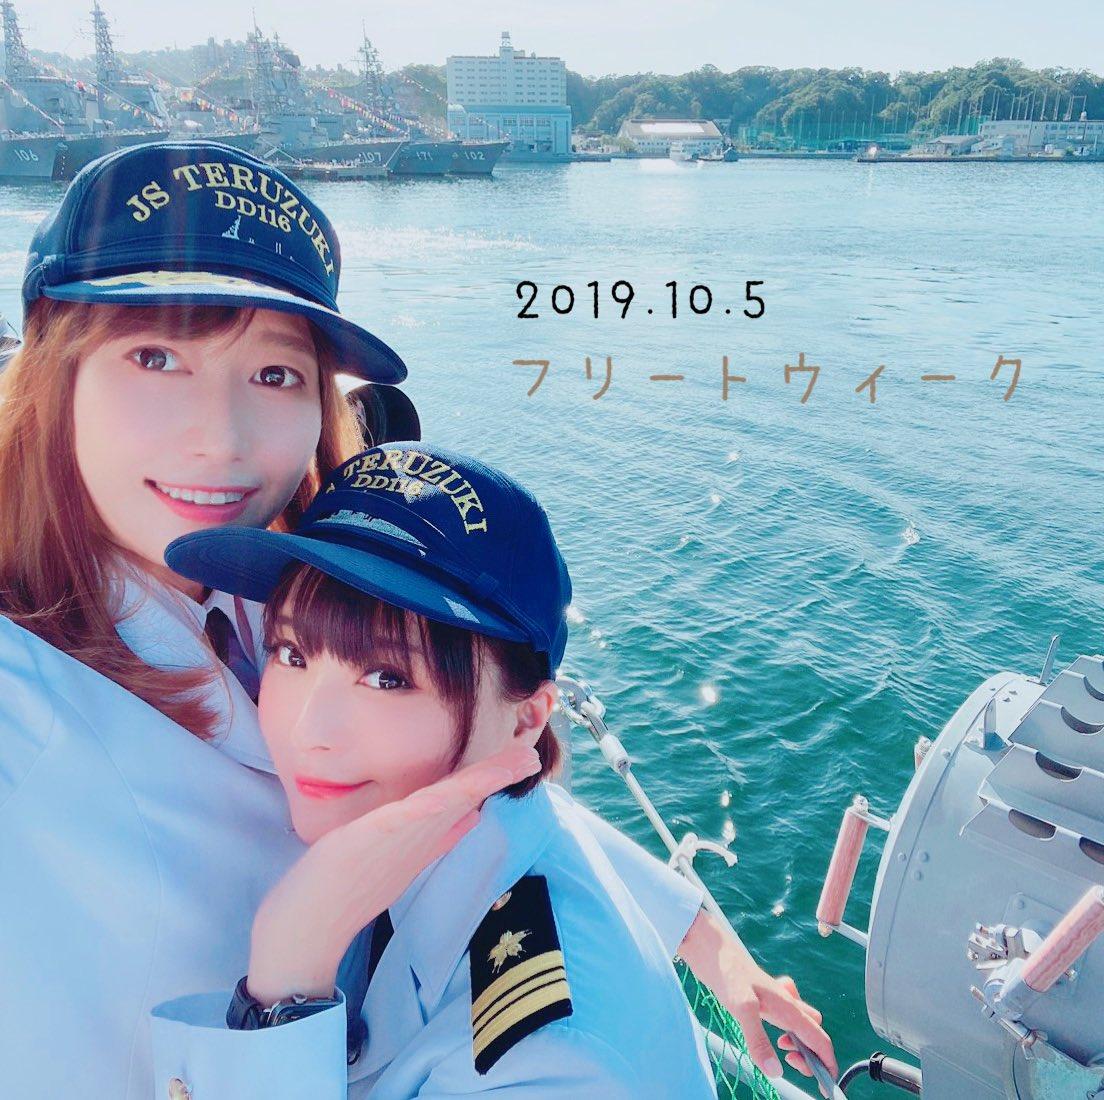 中村樱 井泽诗织 照月号护卫舰